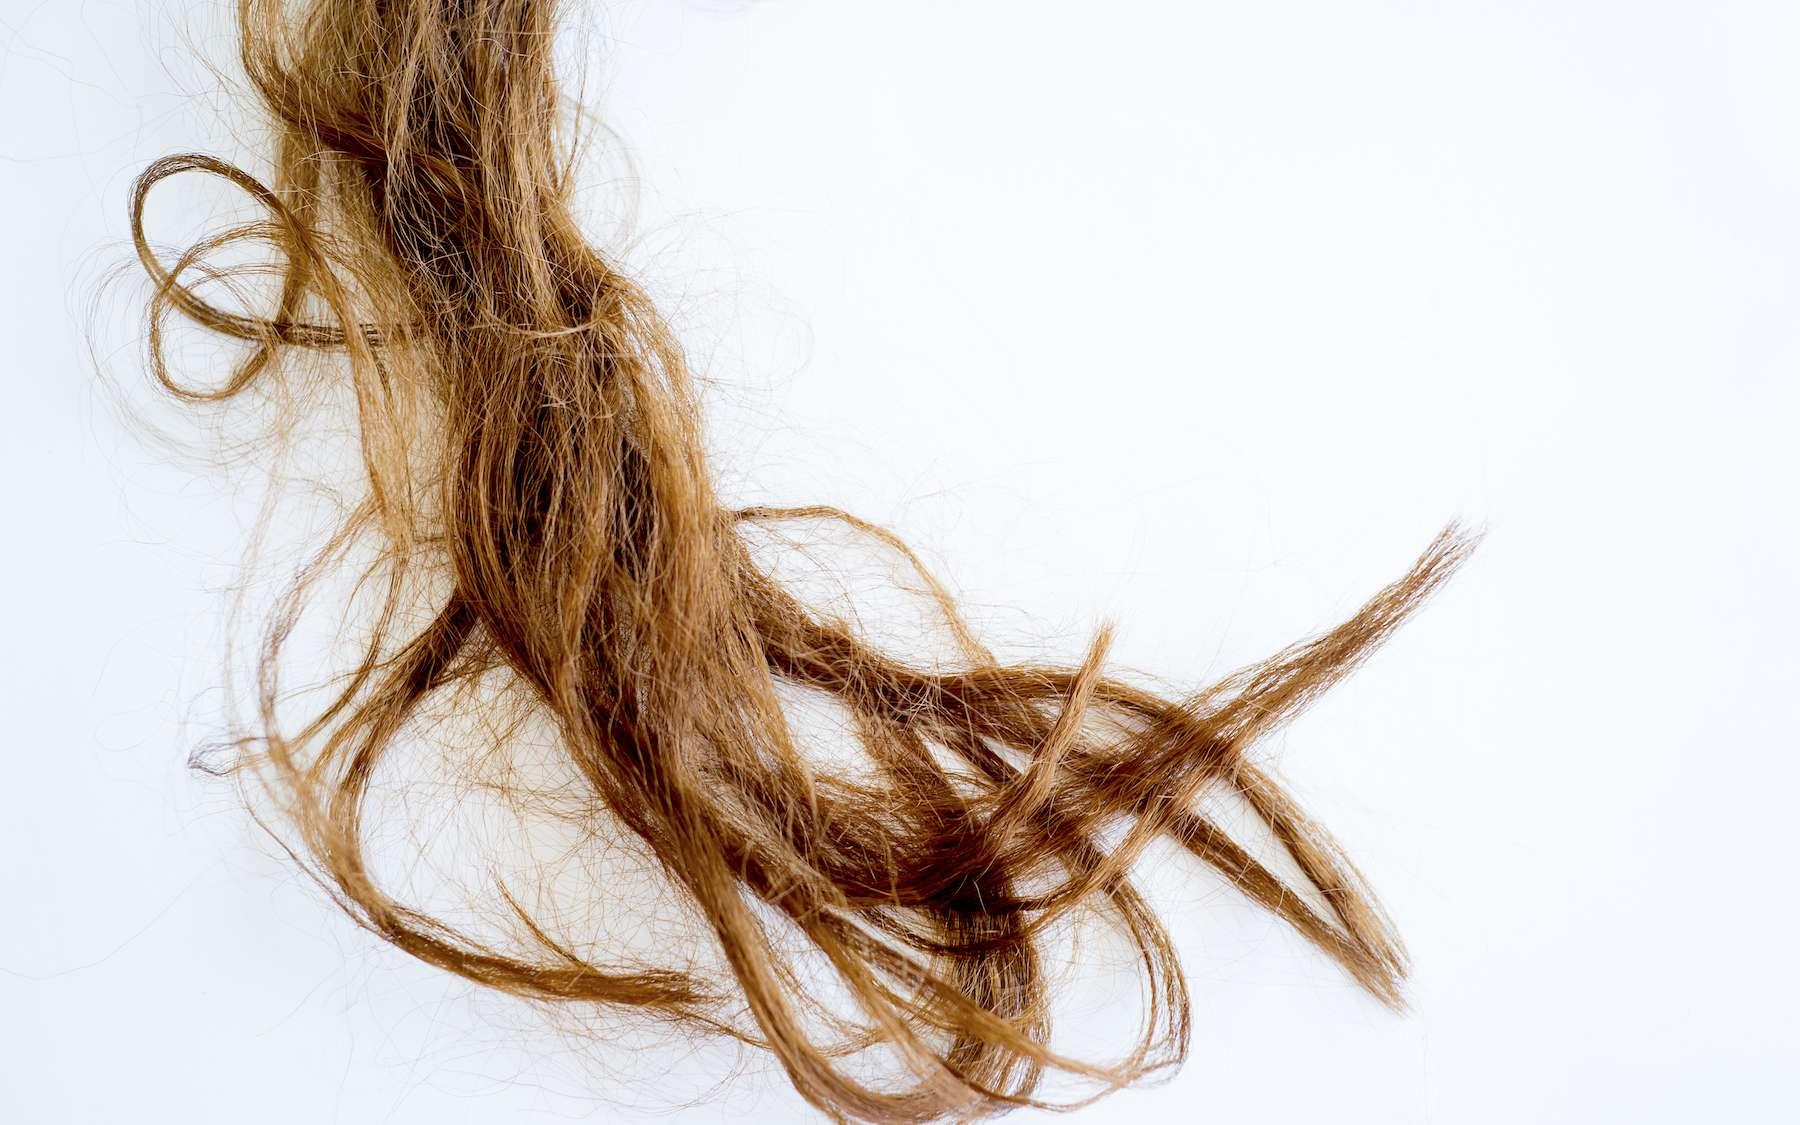 La trichotillomanie consiste à s'arracher les cheveux compulsivement. © Nichizhenova Elena, Adobe Stock